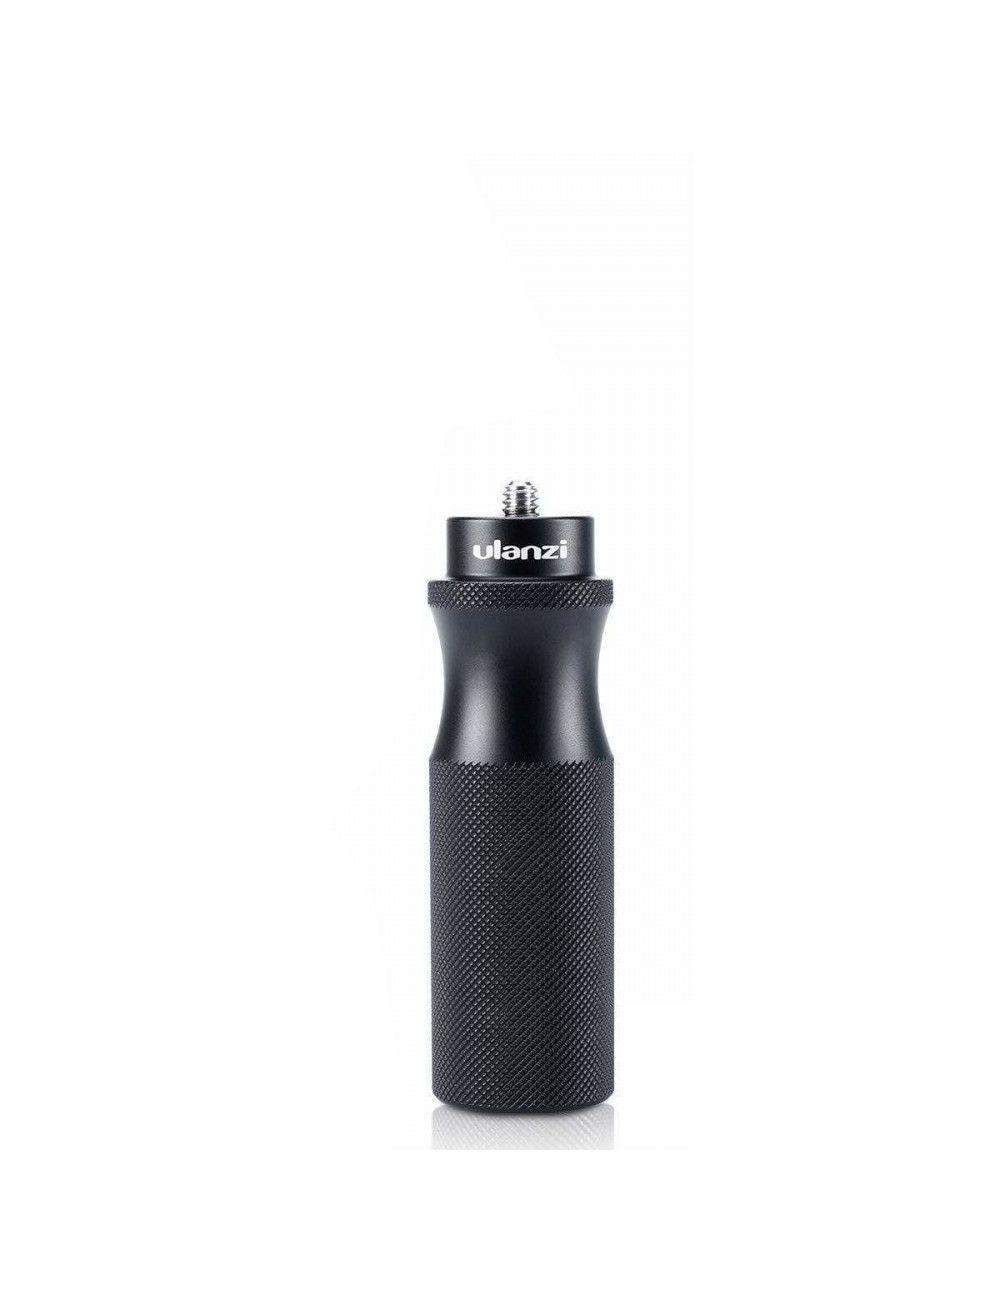 Profoto Connect - Trigger para flashes Profoto y Cámara Canon